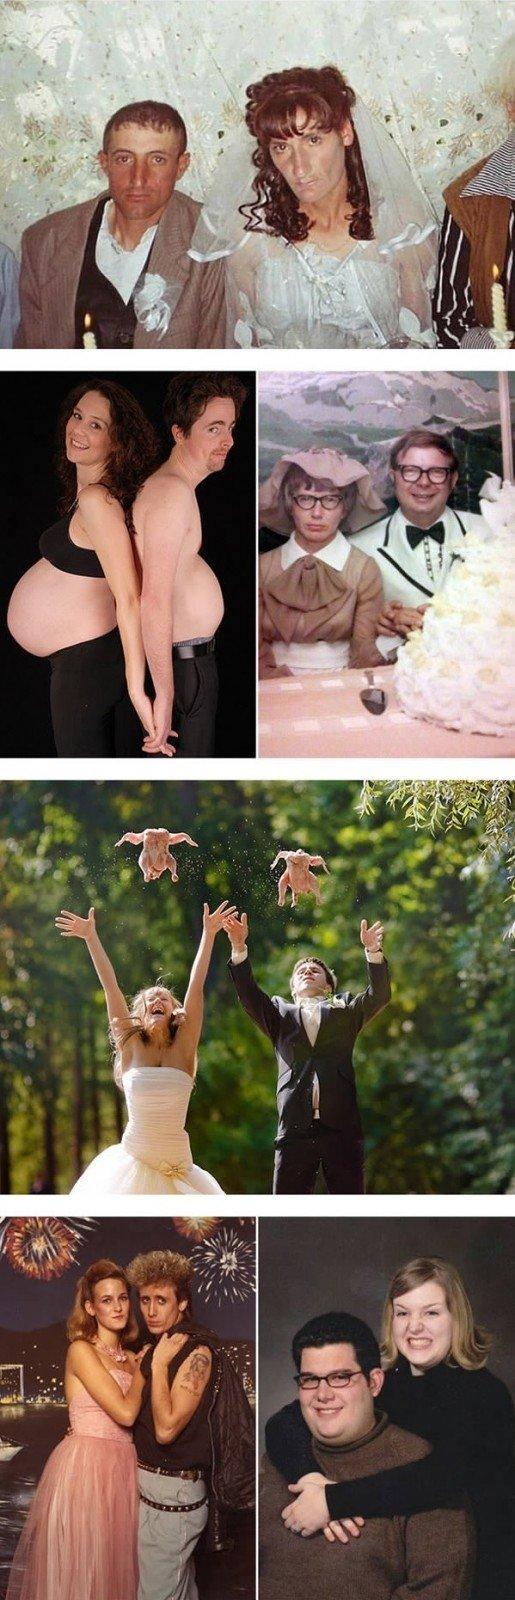 Žiauriai keistos porų nuotraukos, kurias pamatę jūs sapnuosite košmarus